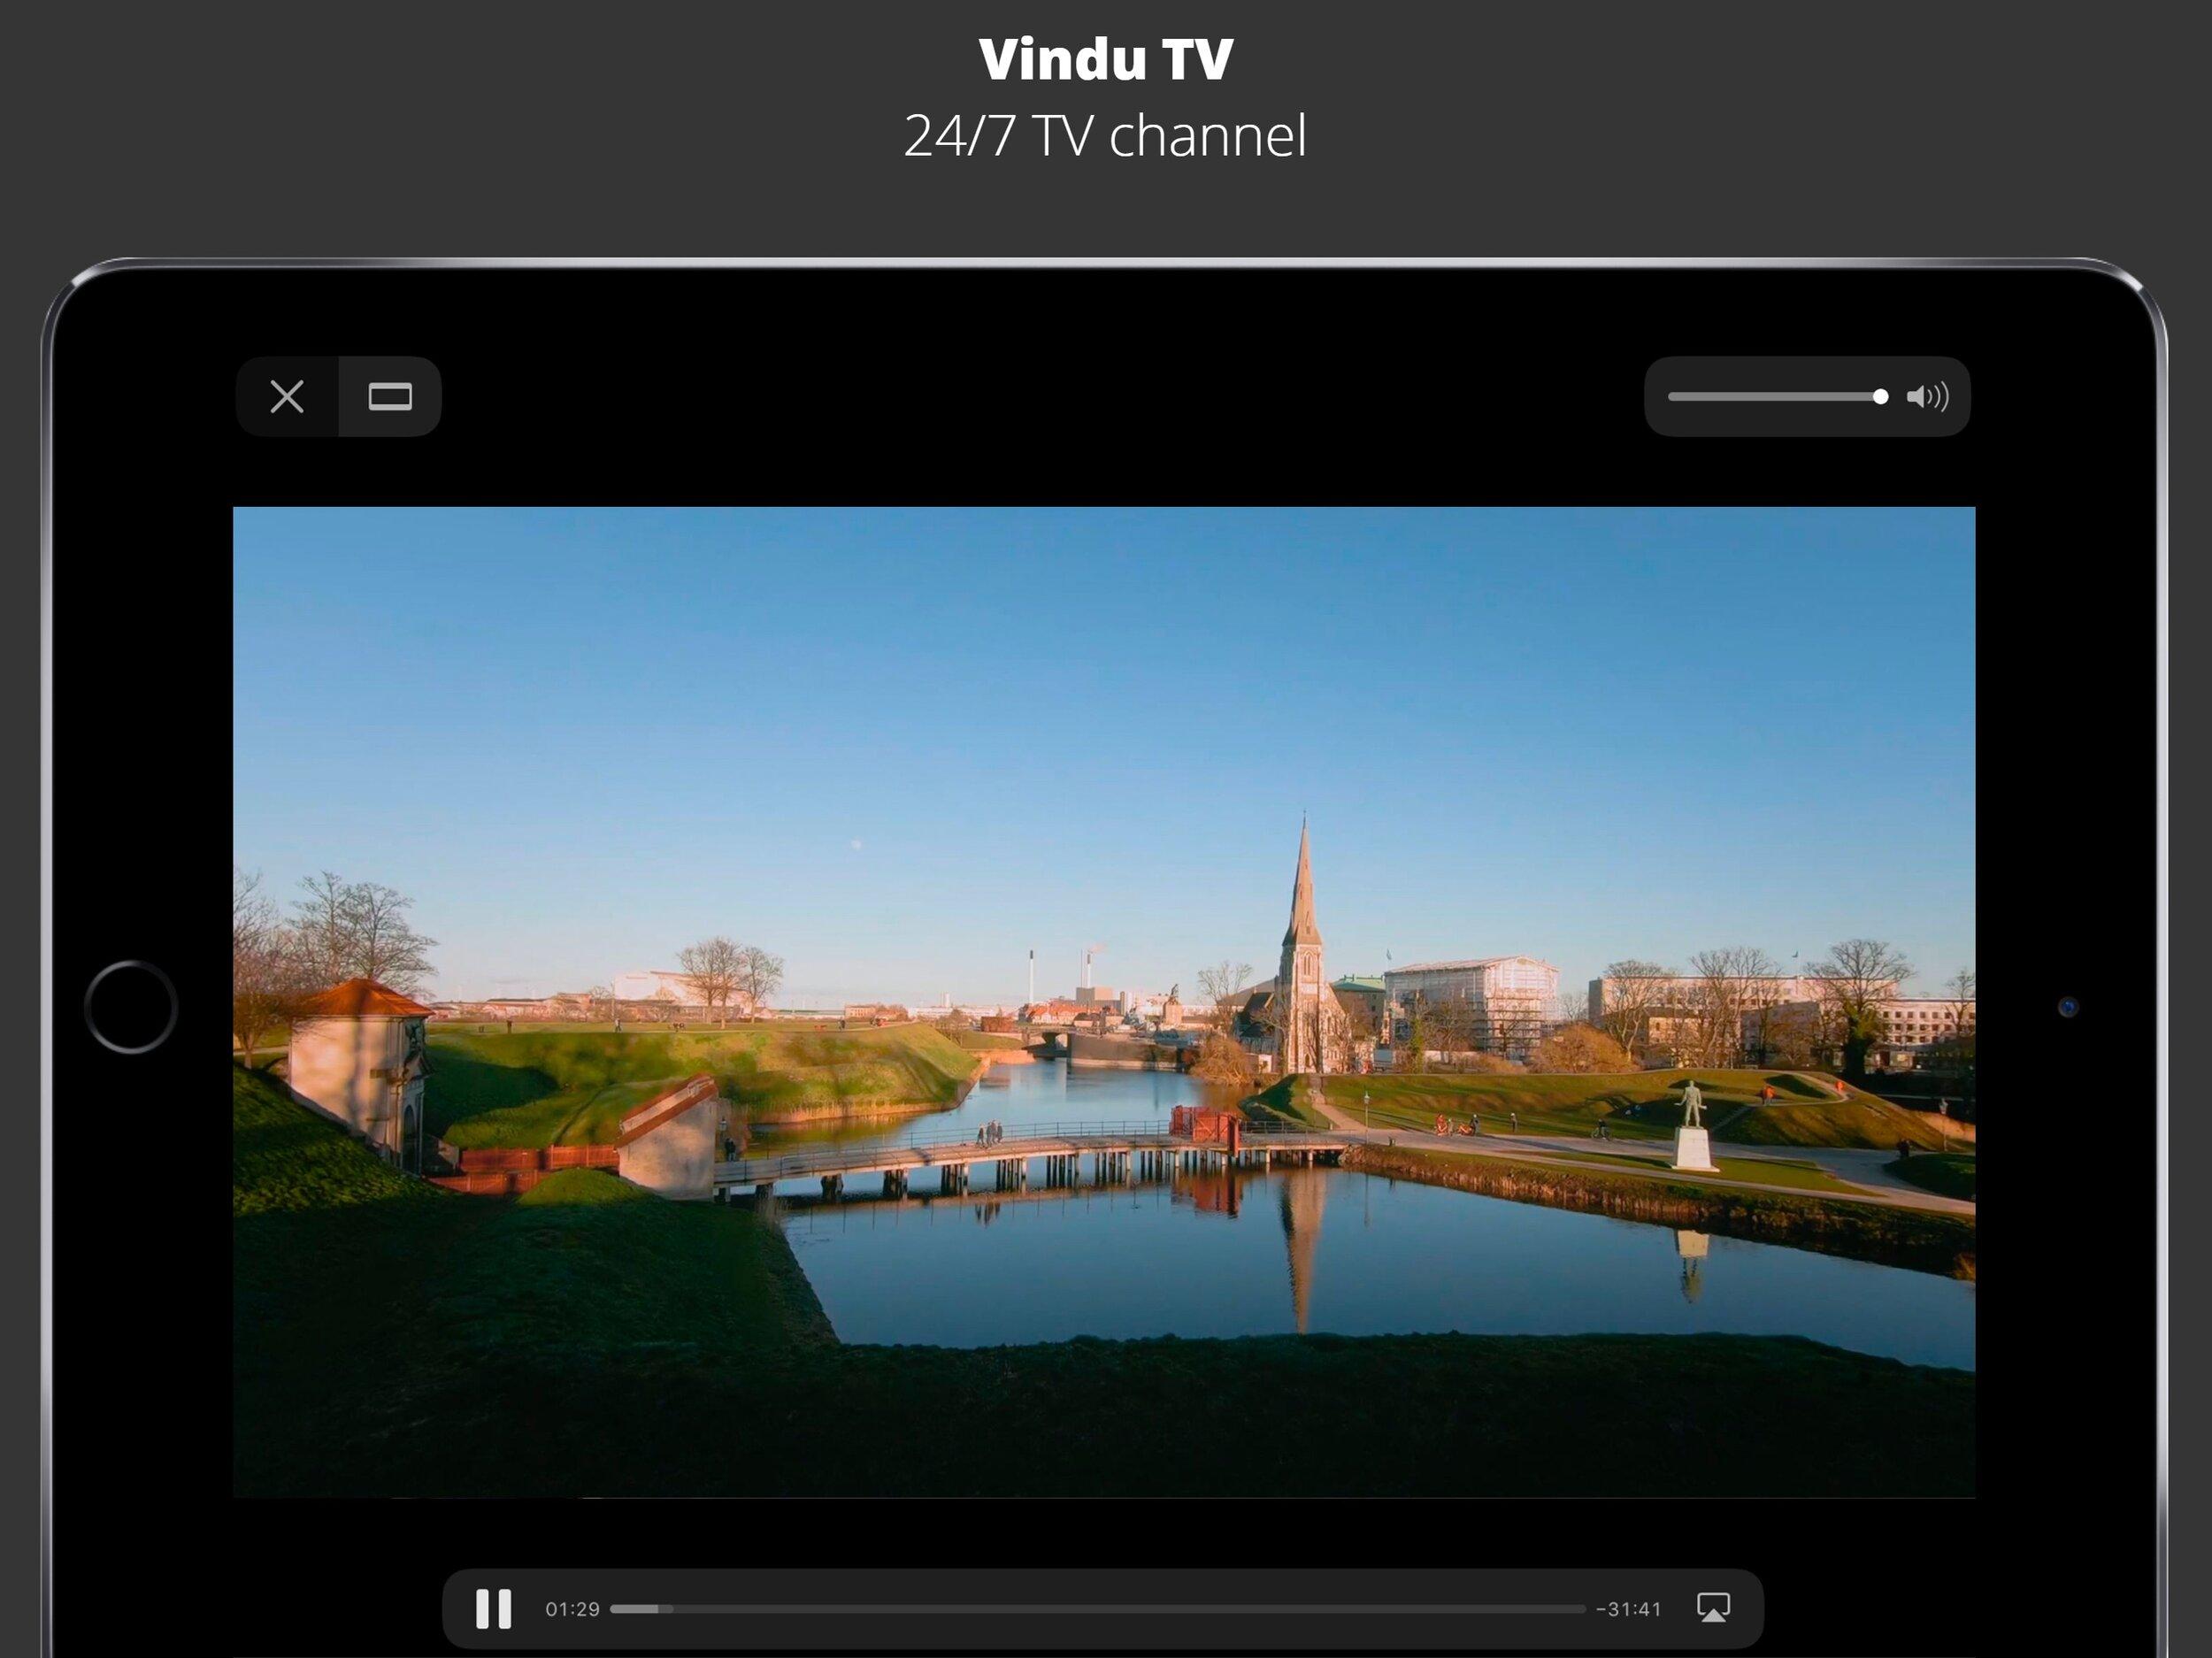 Slow TV hele dagen med et klik - VinduTV er en TV-kanal som afspiller beroligende videoer hele dagen